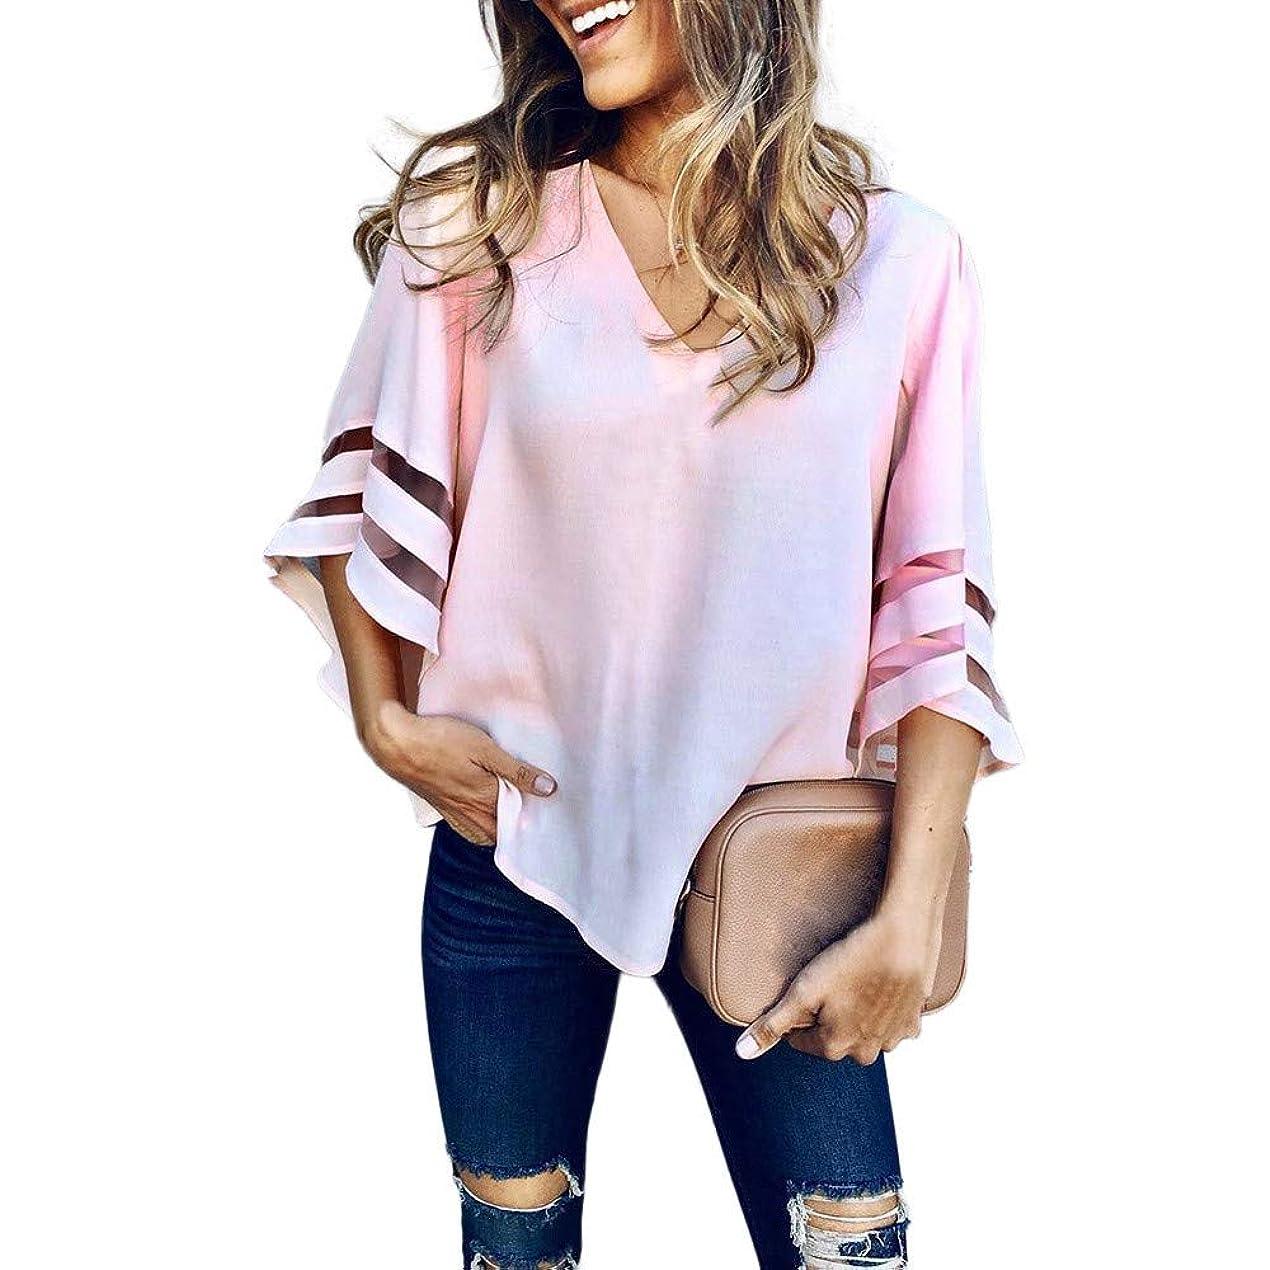 包括的耐えるおいしいレディース Tシャツ ゆったりトップス メッシュ パネル ベルスリーブ Vネック シャツ 体型カバー 大きいサイズ カットソー カジュアル ブラウス 夏服 通勤 チュニック シャツワンピース 着痩せ 日常 上着 女性 無地 チュニック